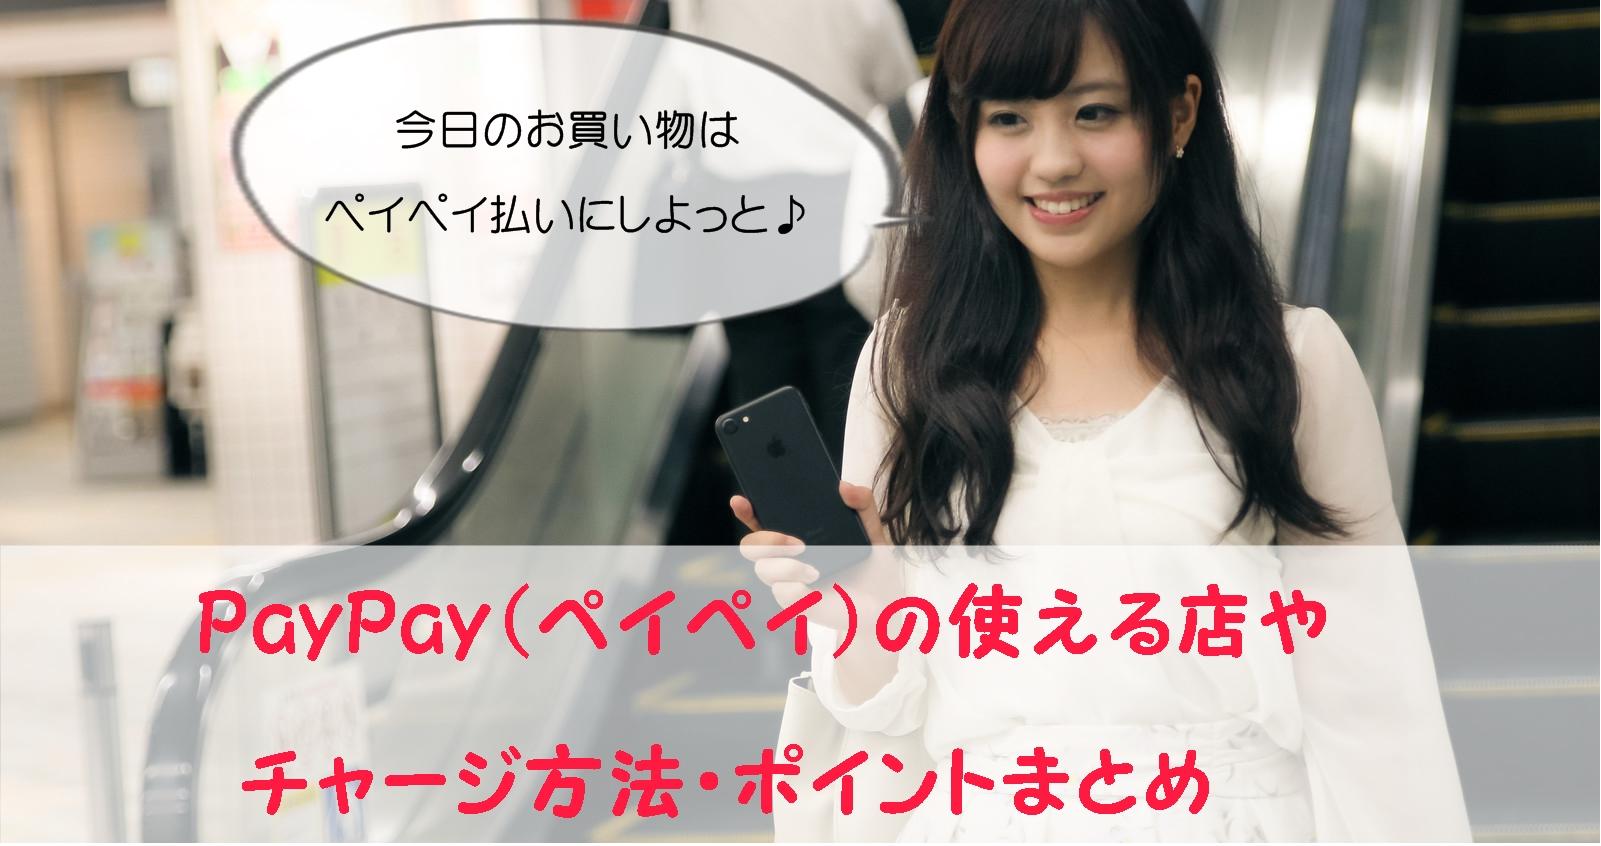 PayPay(ペイペイ)の使える店やチャージ方法・ポイントまとめ